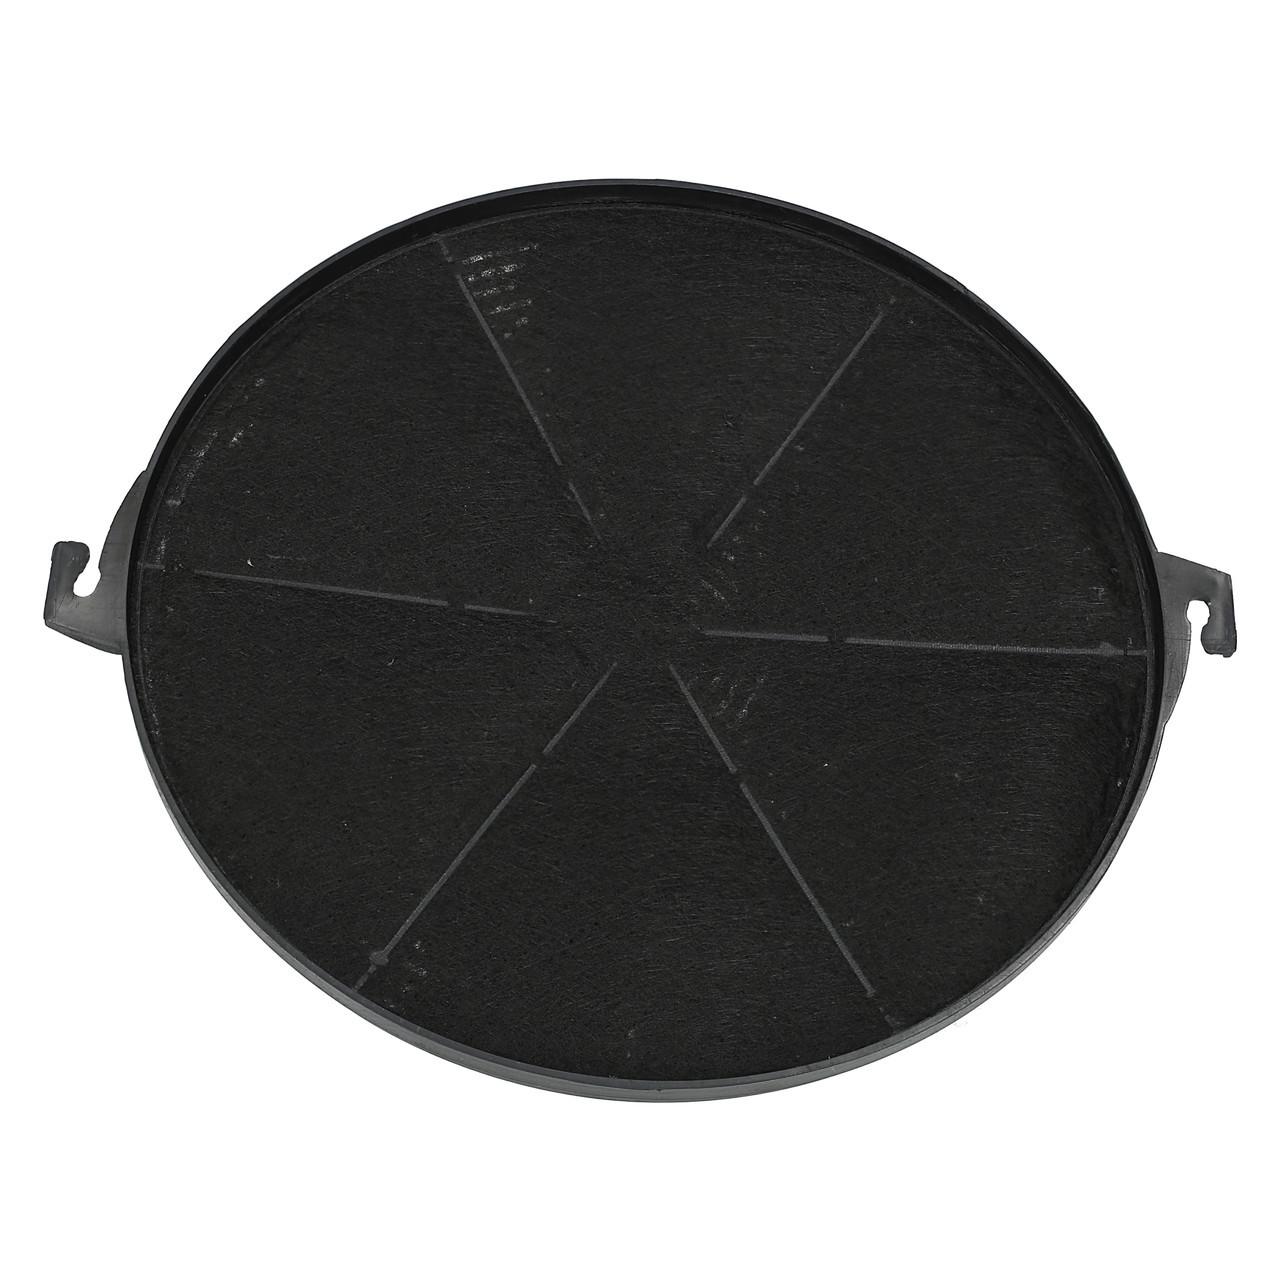 FIltr do okapu Mastercook WK CRISTAL 60/90 XV (Okrągły, Węglowy)